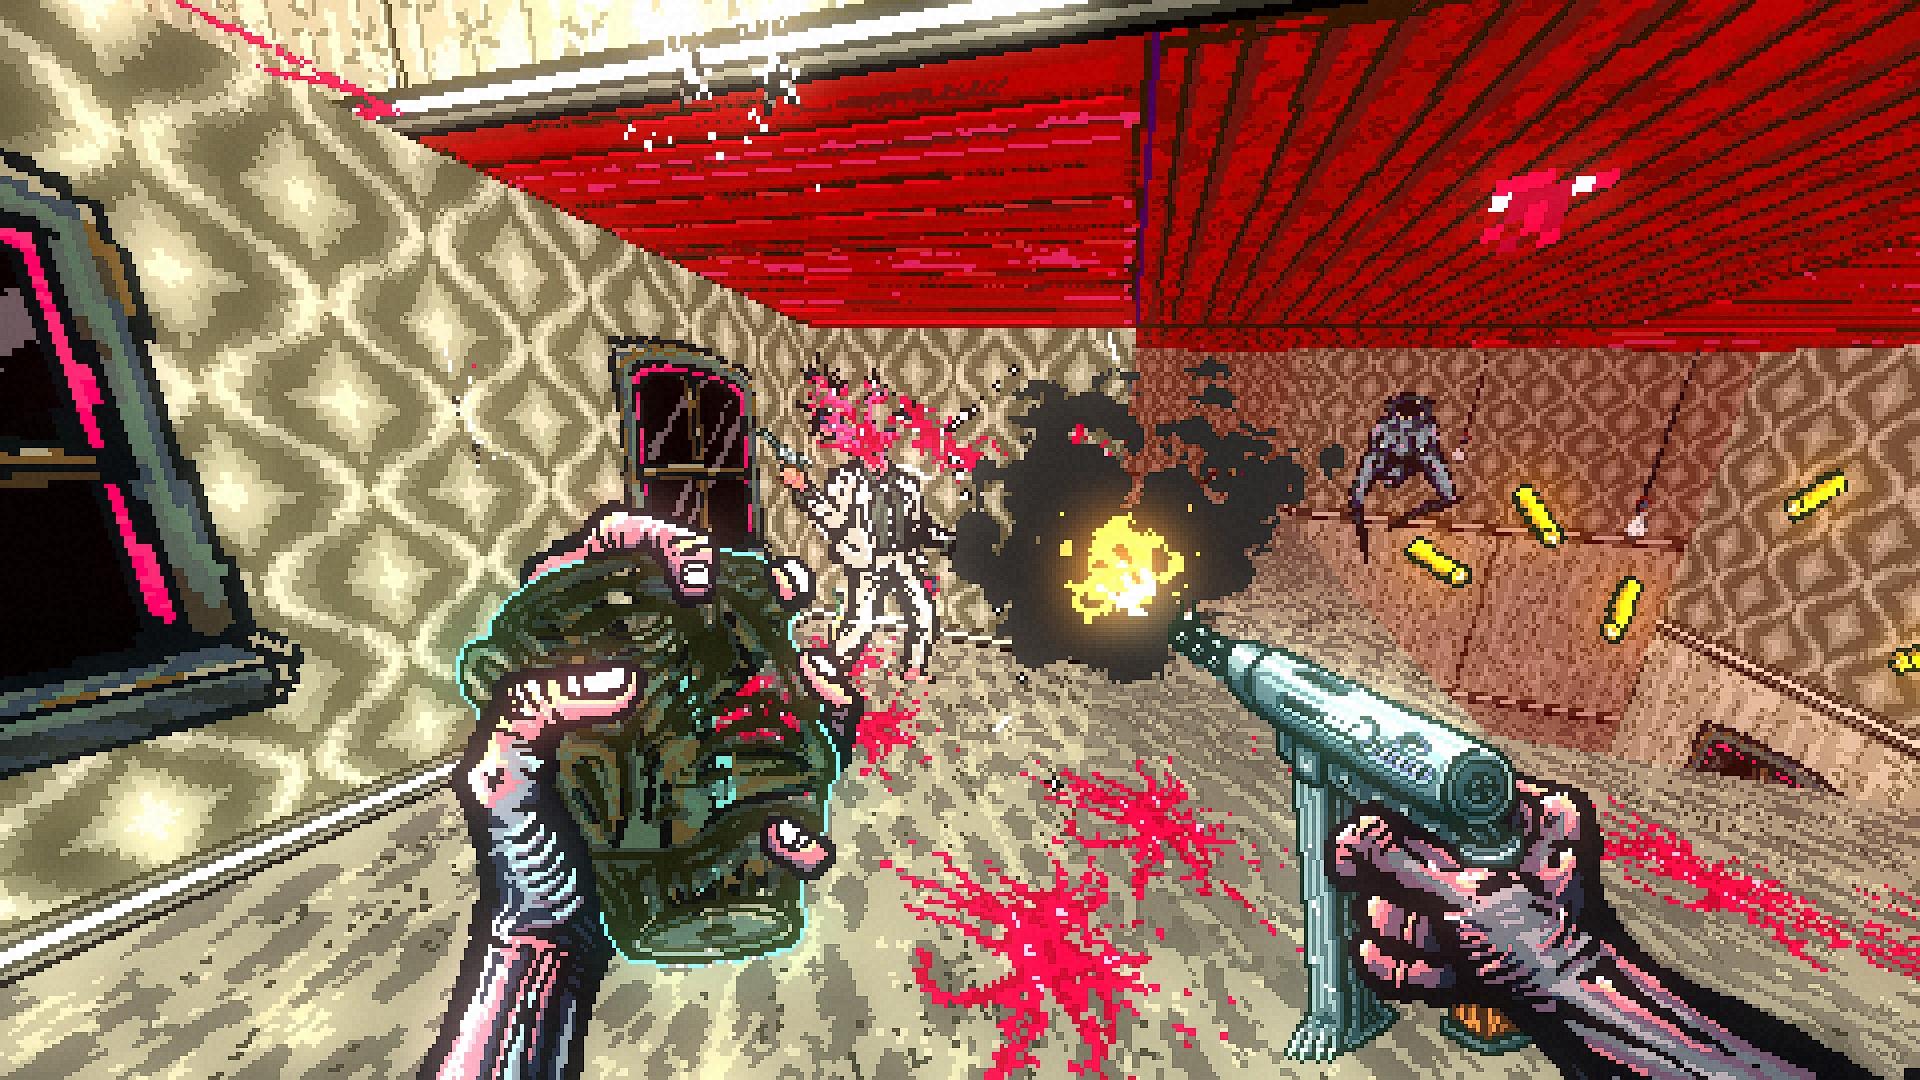 El jugador dispara una uzi a un monstruo con un traje blanco, en una habitación abierta con paredes y piso de un verde enfermizo.  A la derecha, una boca bípeda salta a través de un espacio para alcanzar al jugador.